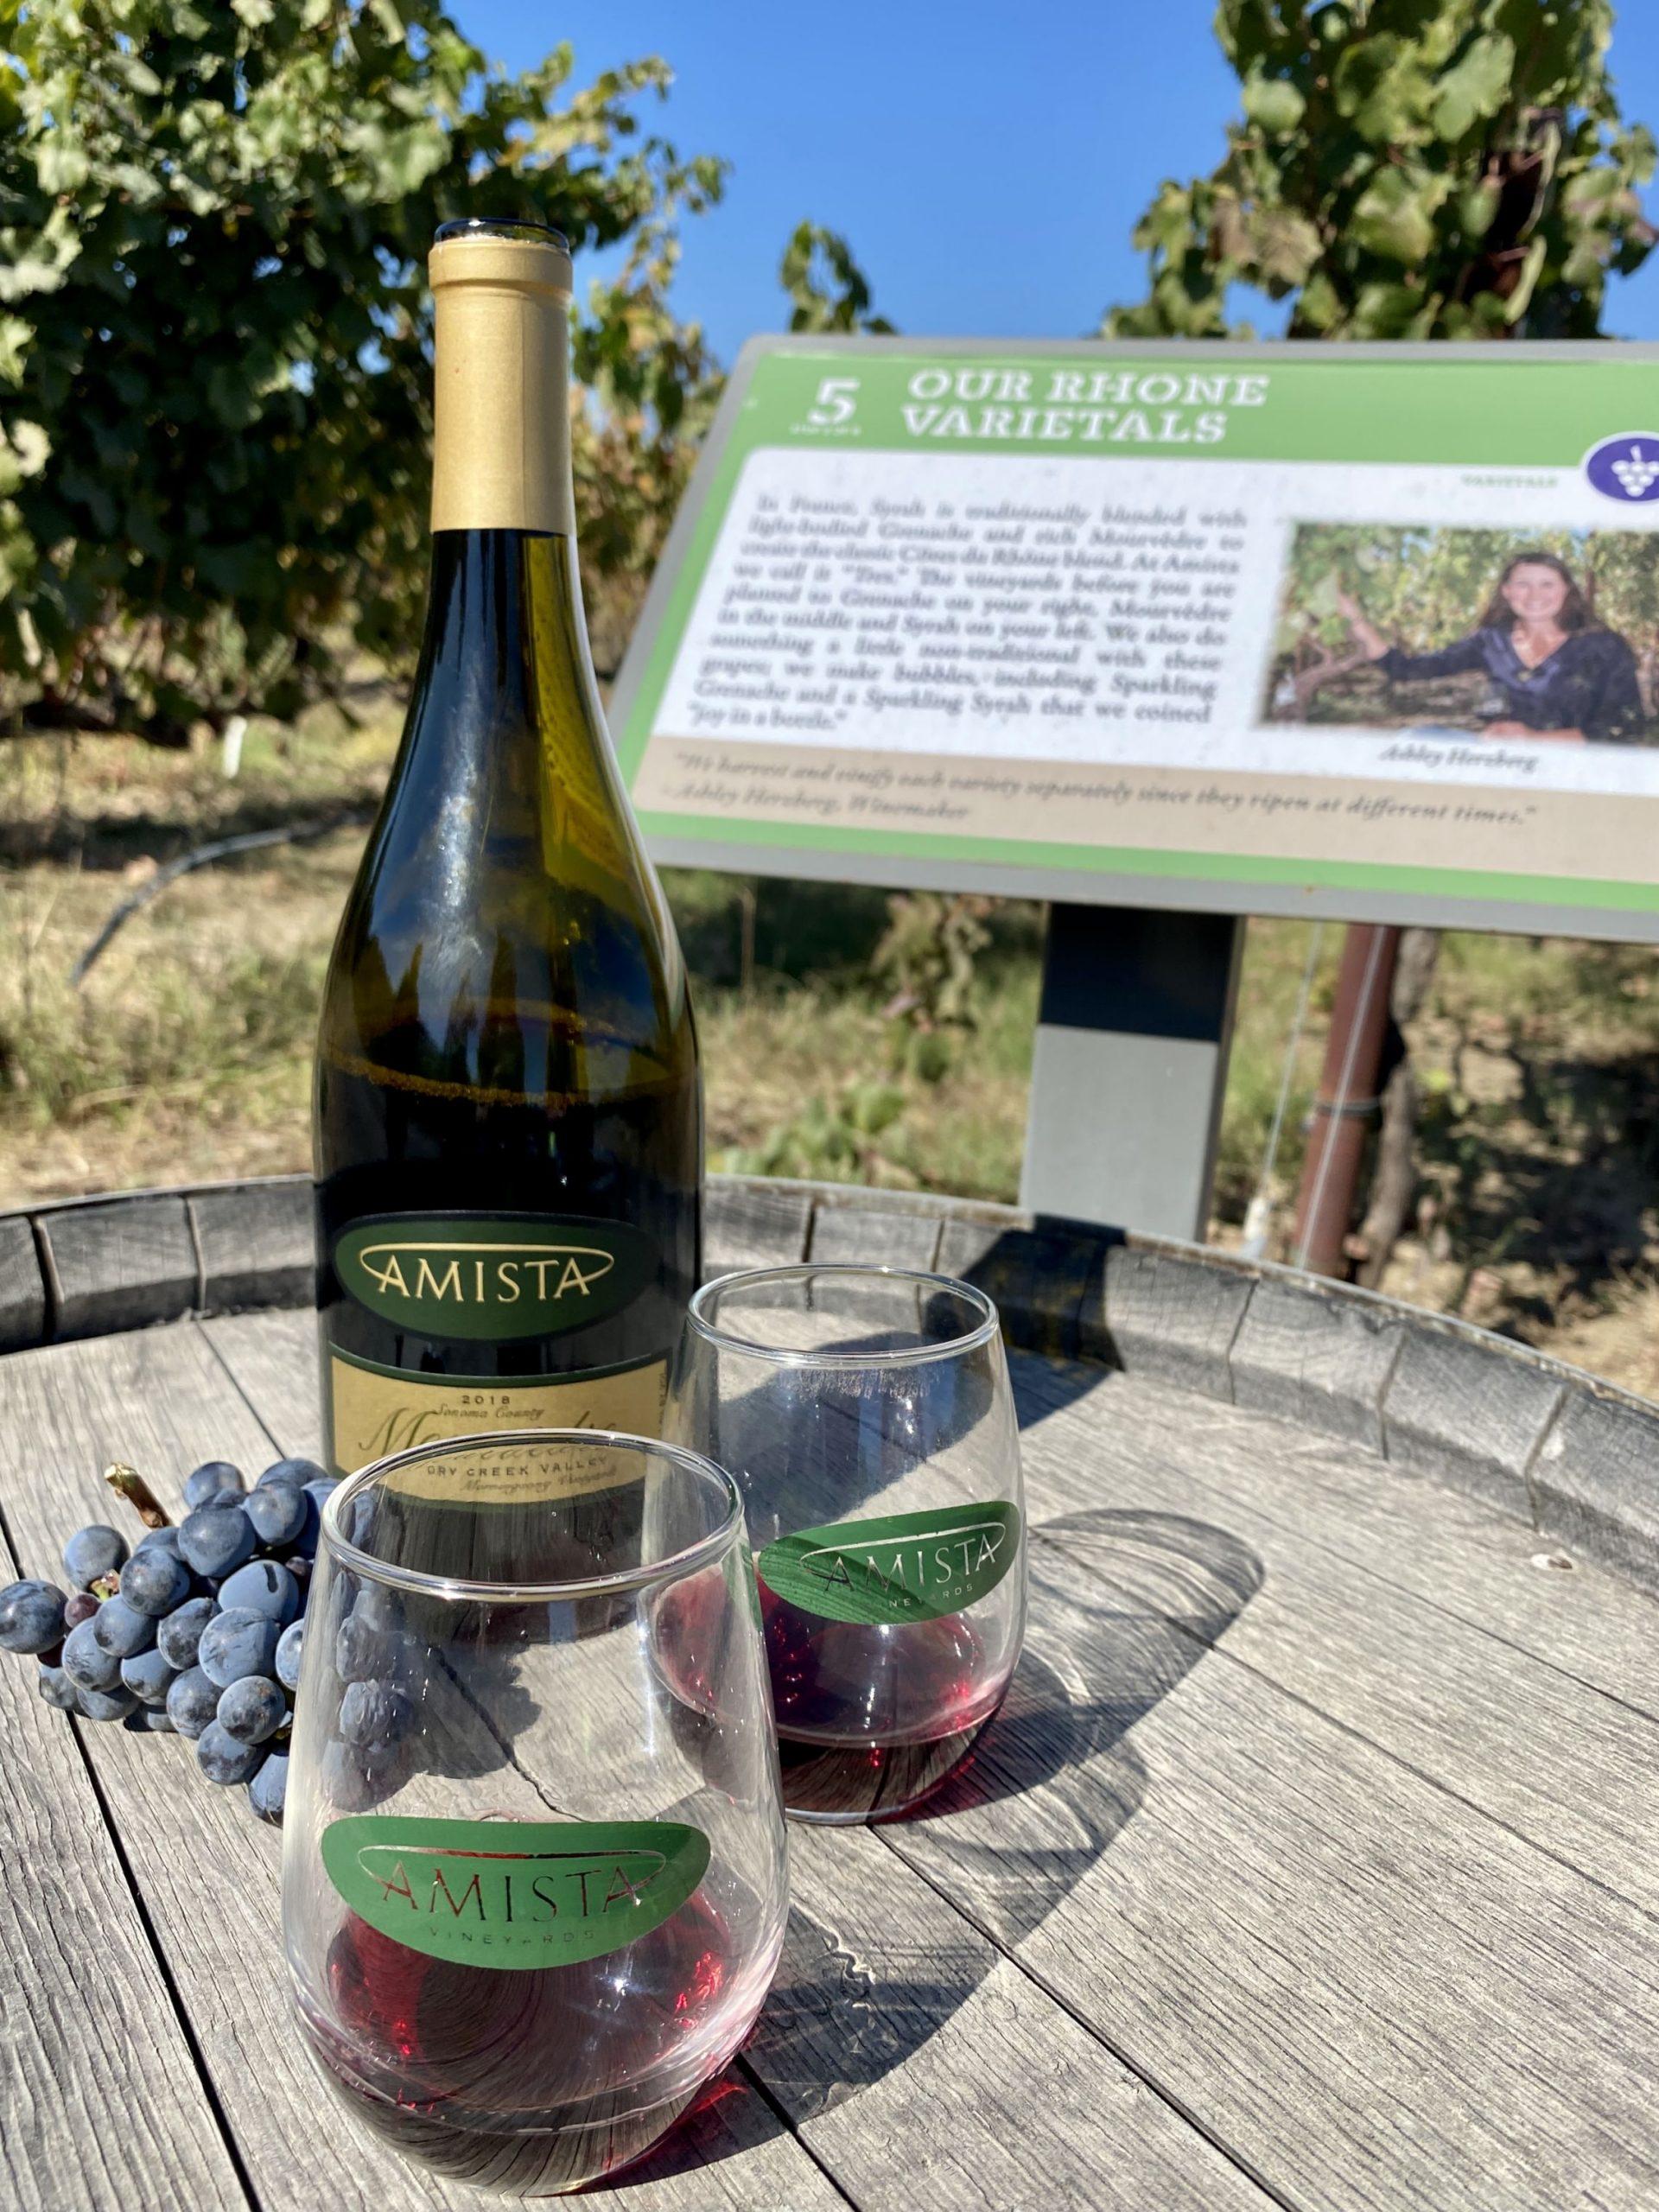 Wine tasting at Amista